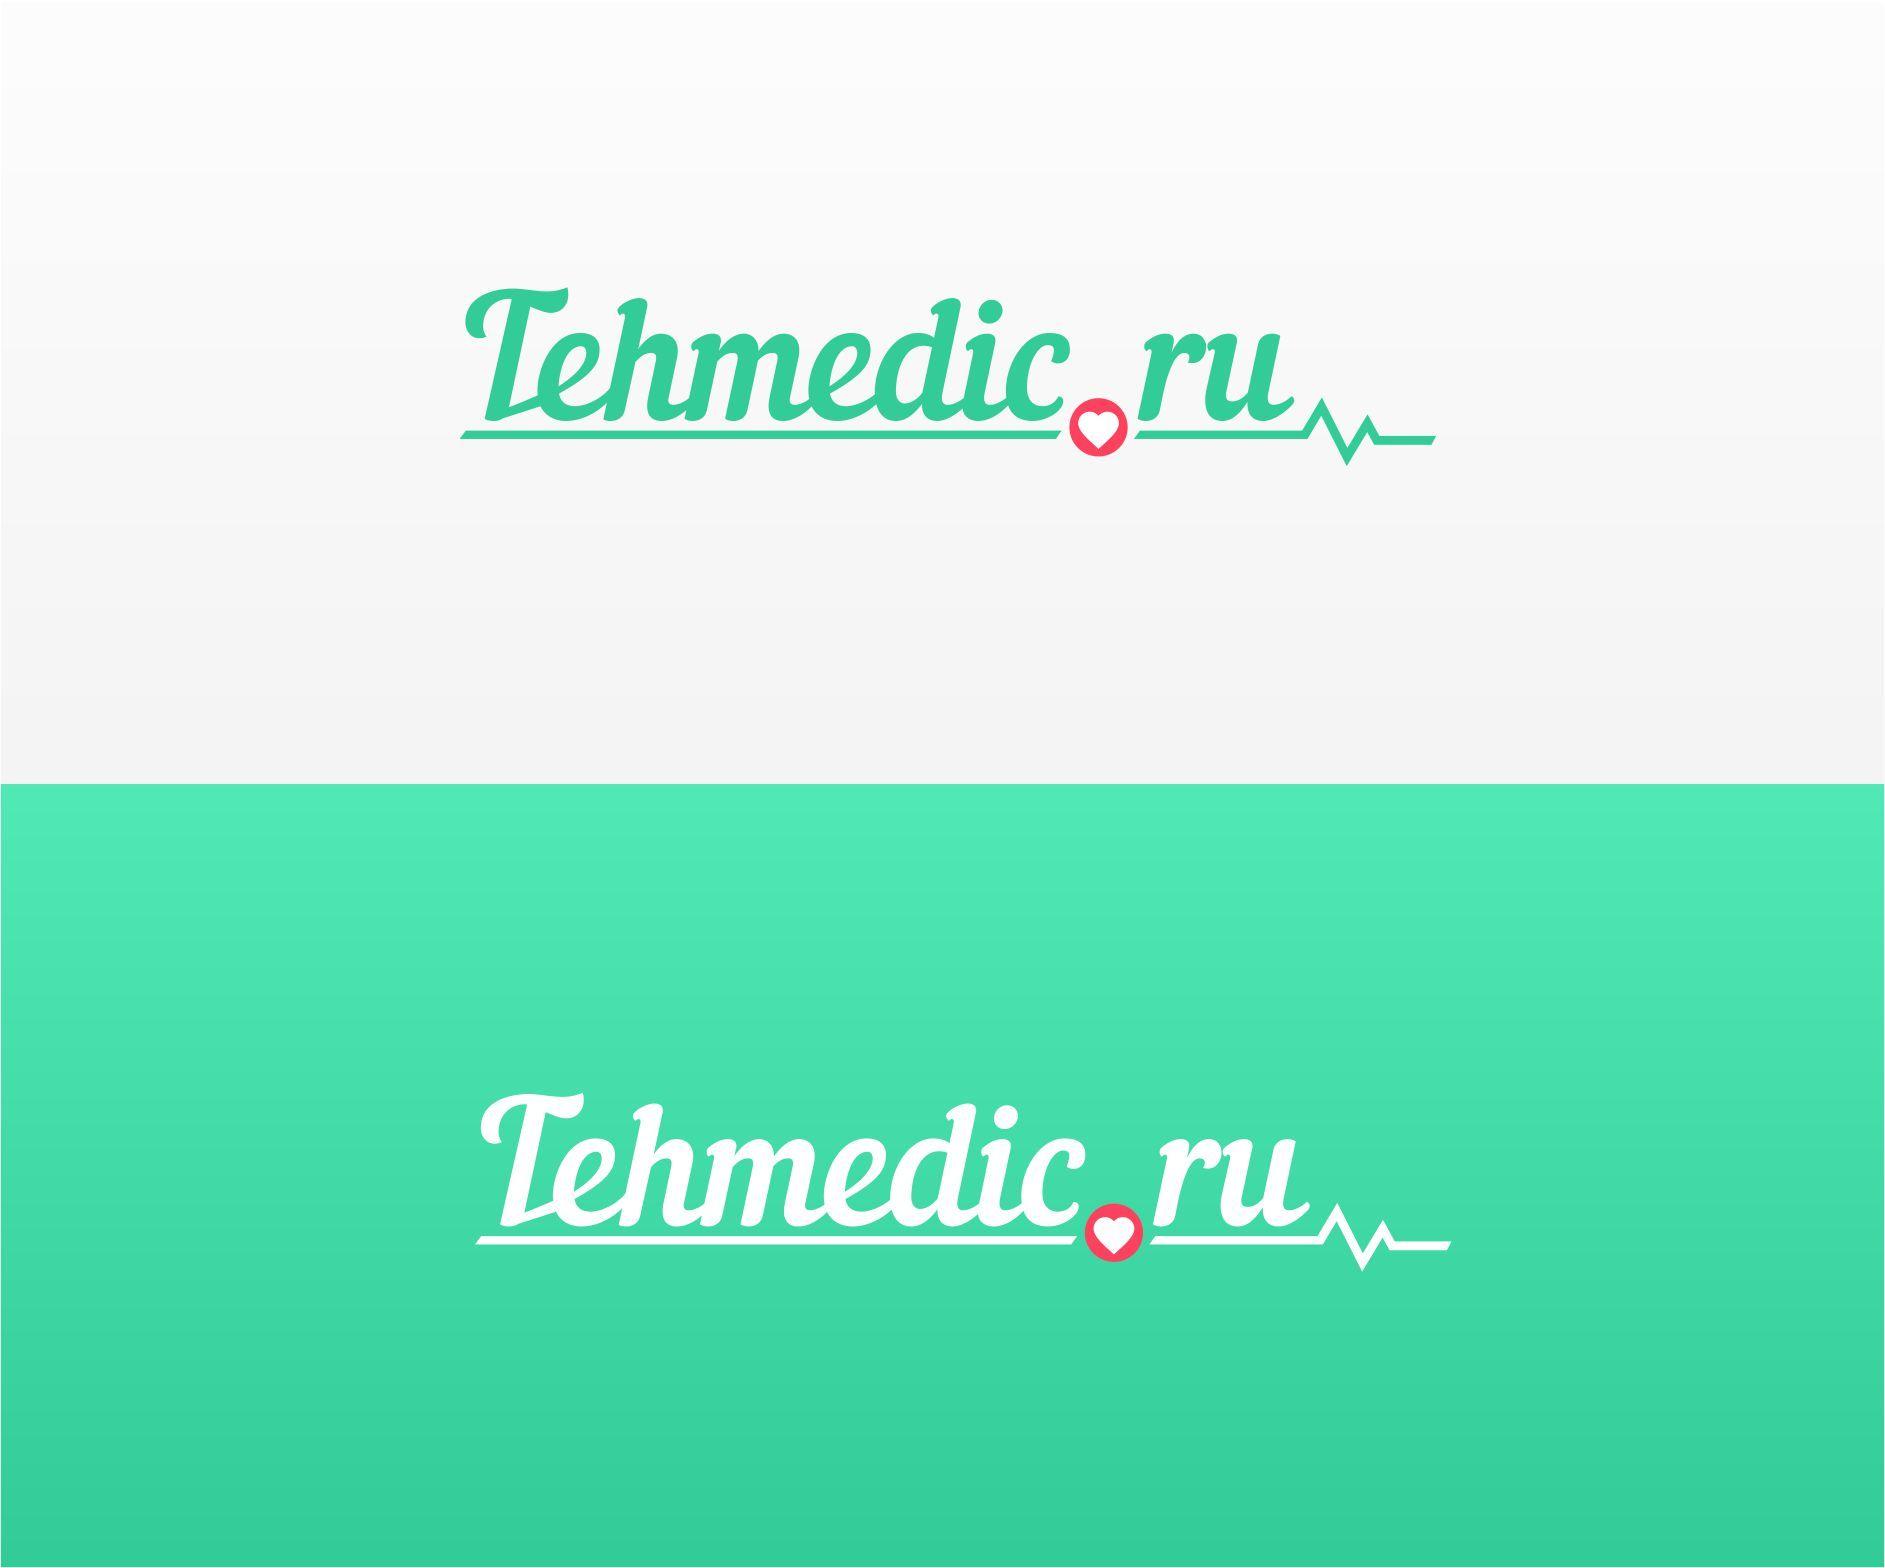 Логотип для интернет-магазина медтехники - дизайнер everypixel